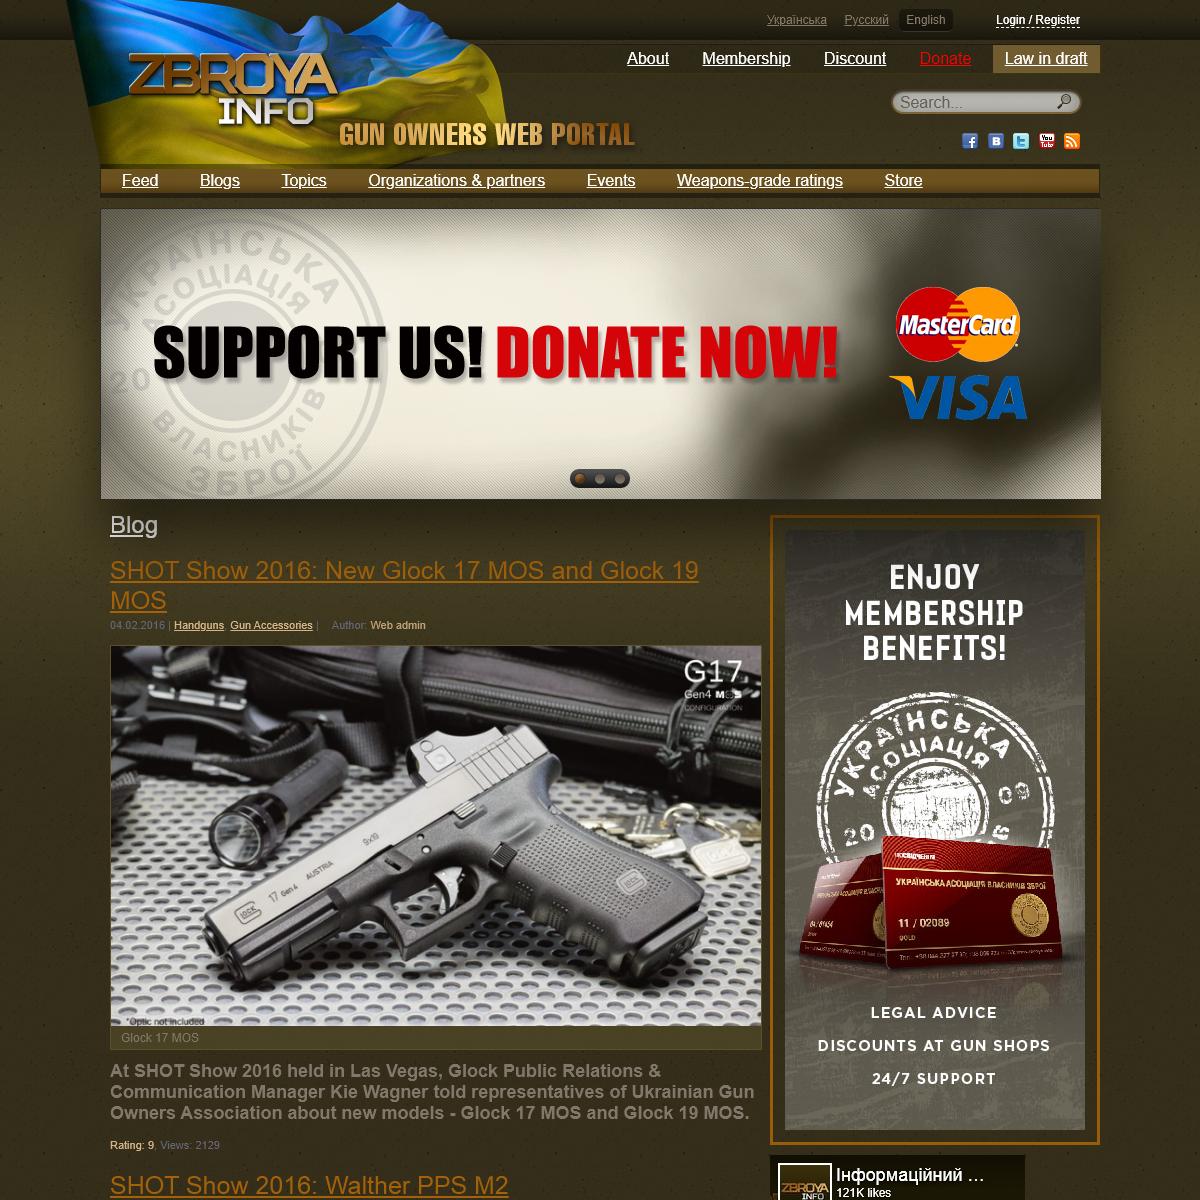 ZBROYA.info - Gun Owners Web Portal.